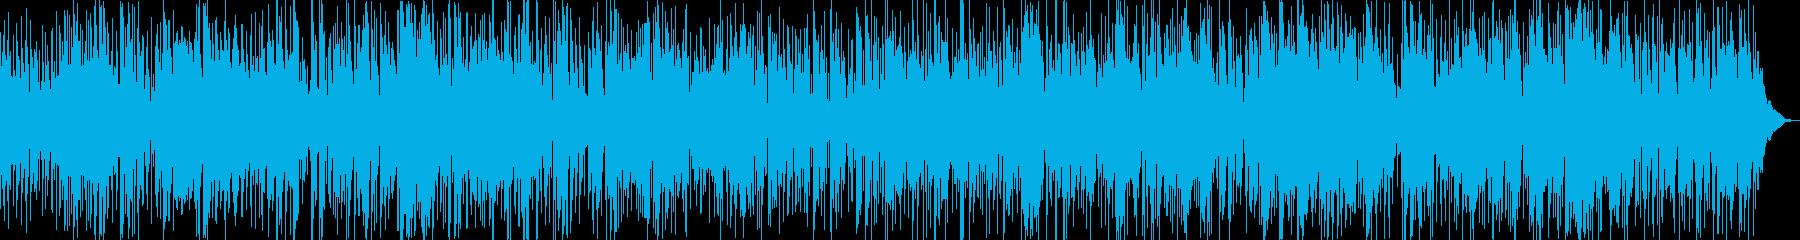 ノリの良いサックスメインのスムースジャズの再生済みの波形